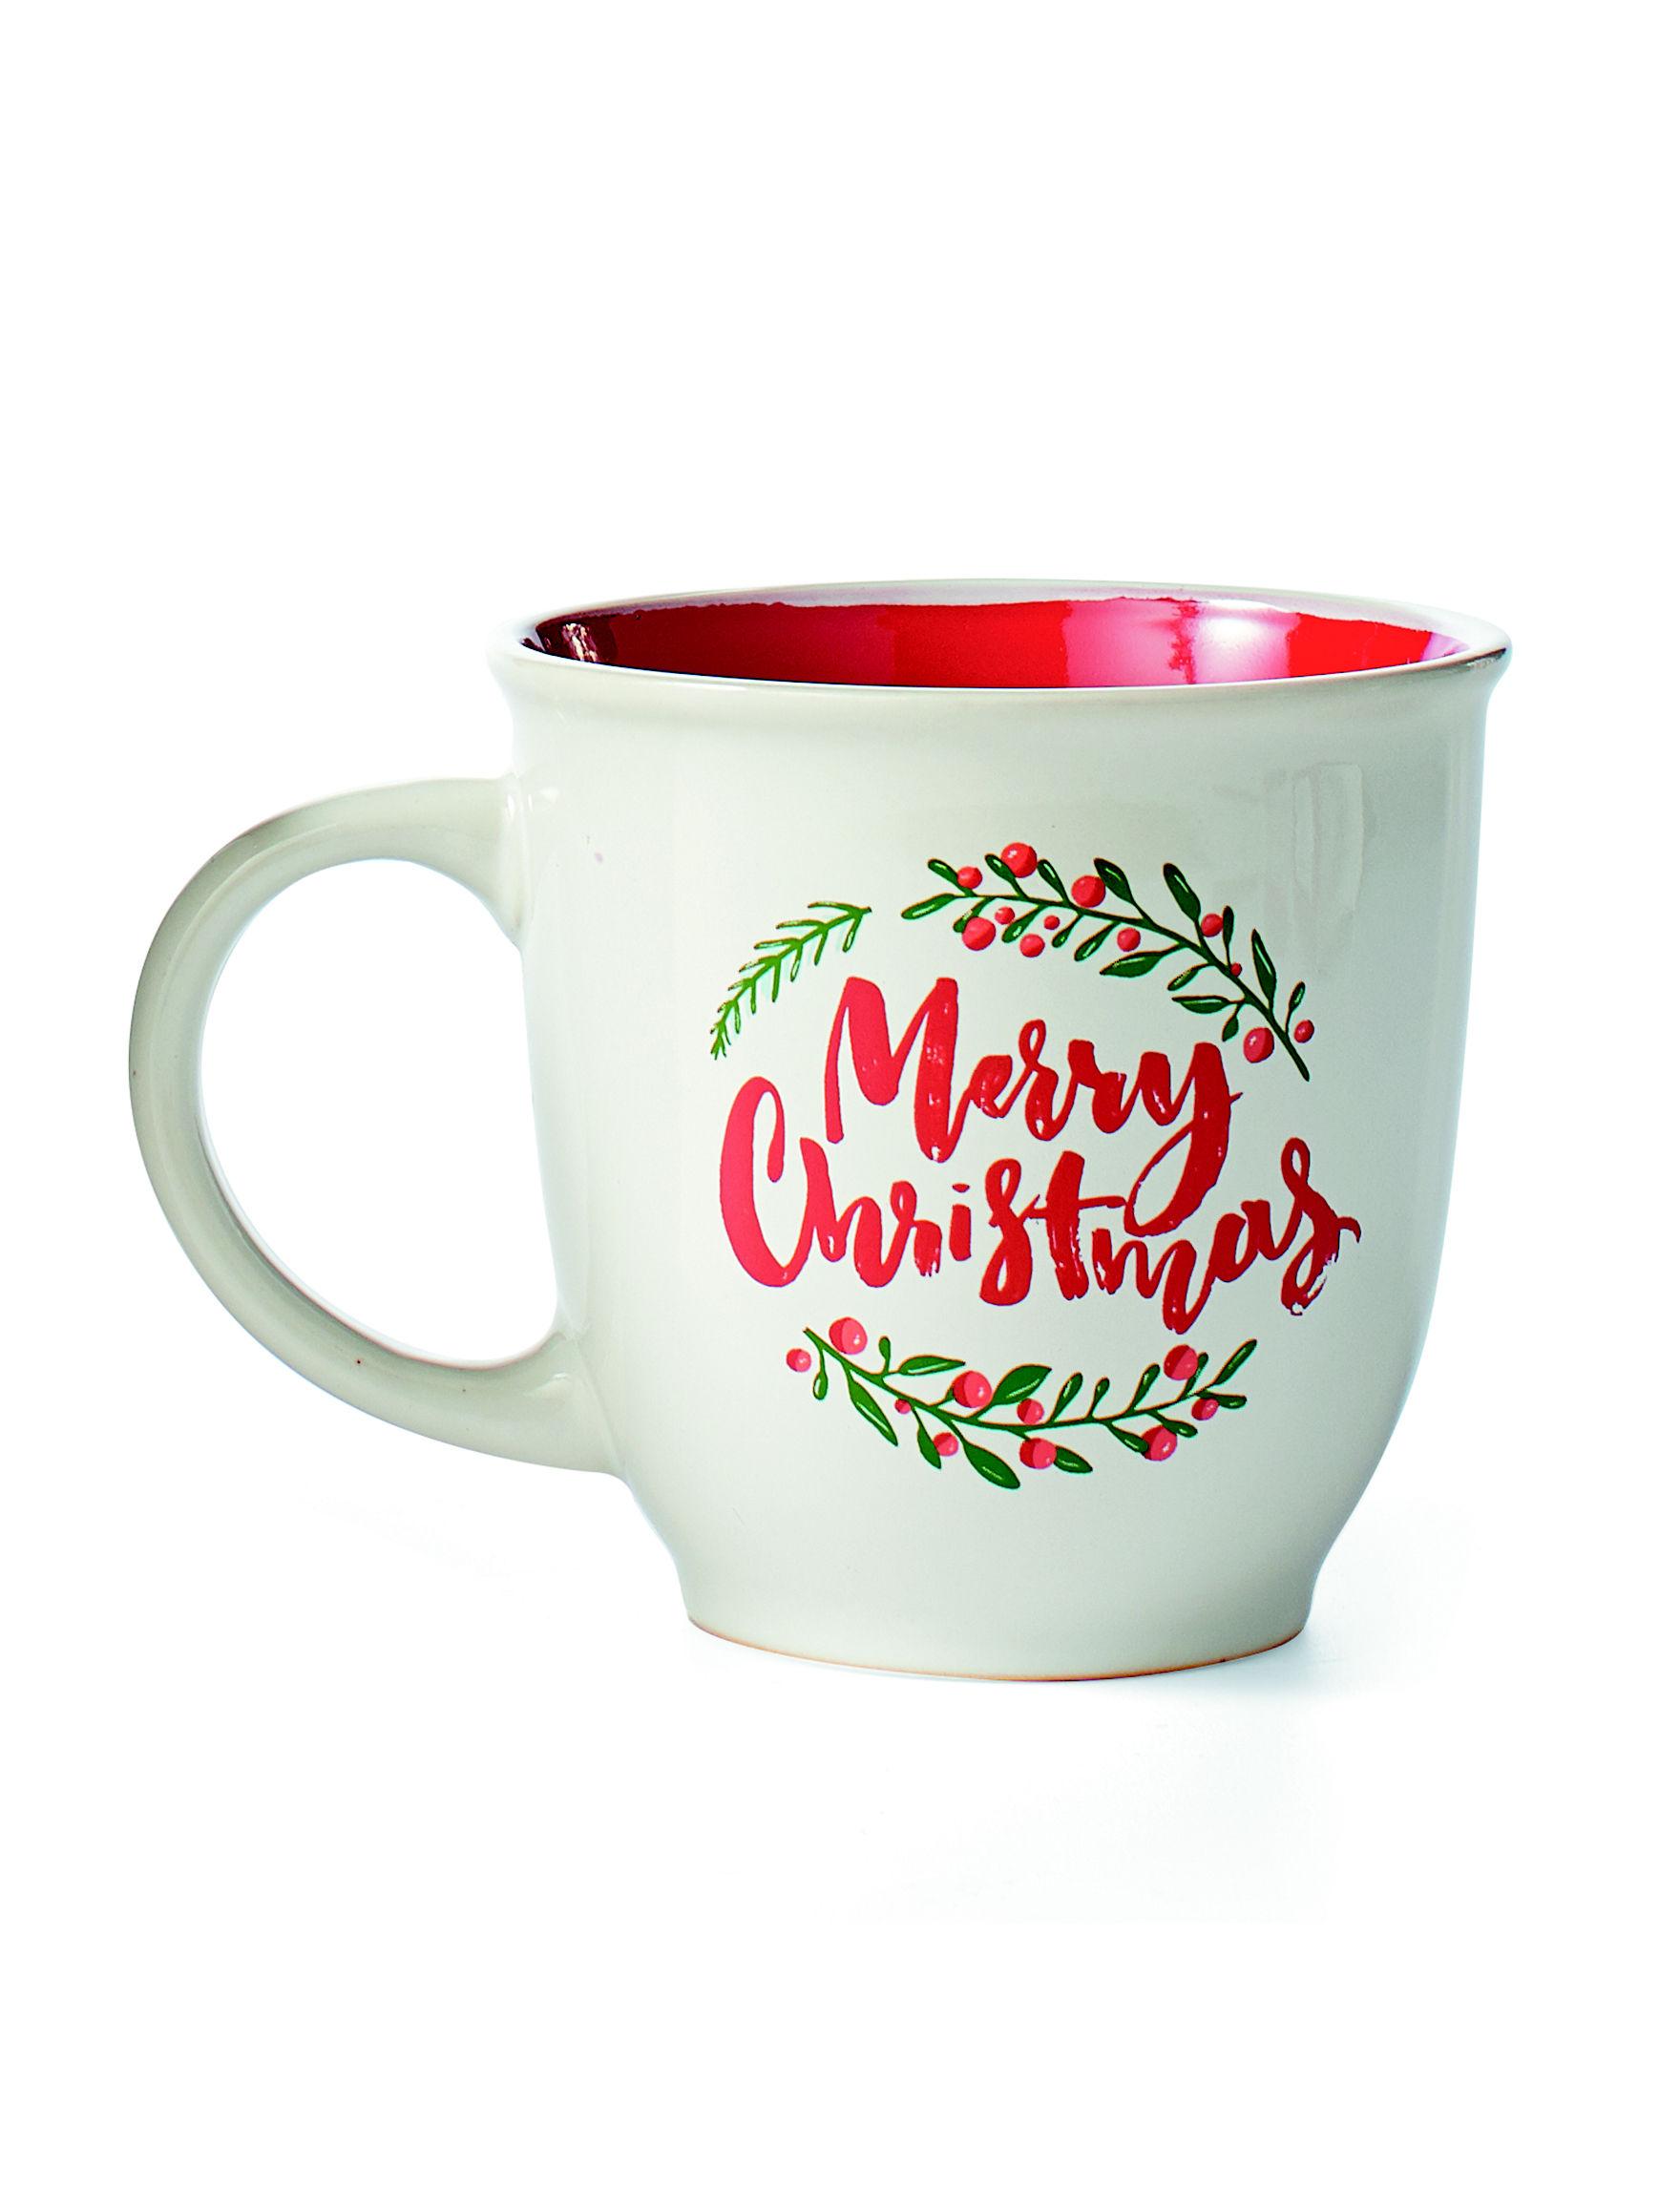 Sheffield Home White Mugs Drinkware